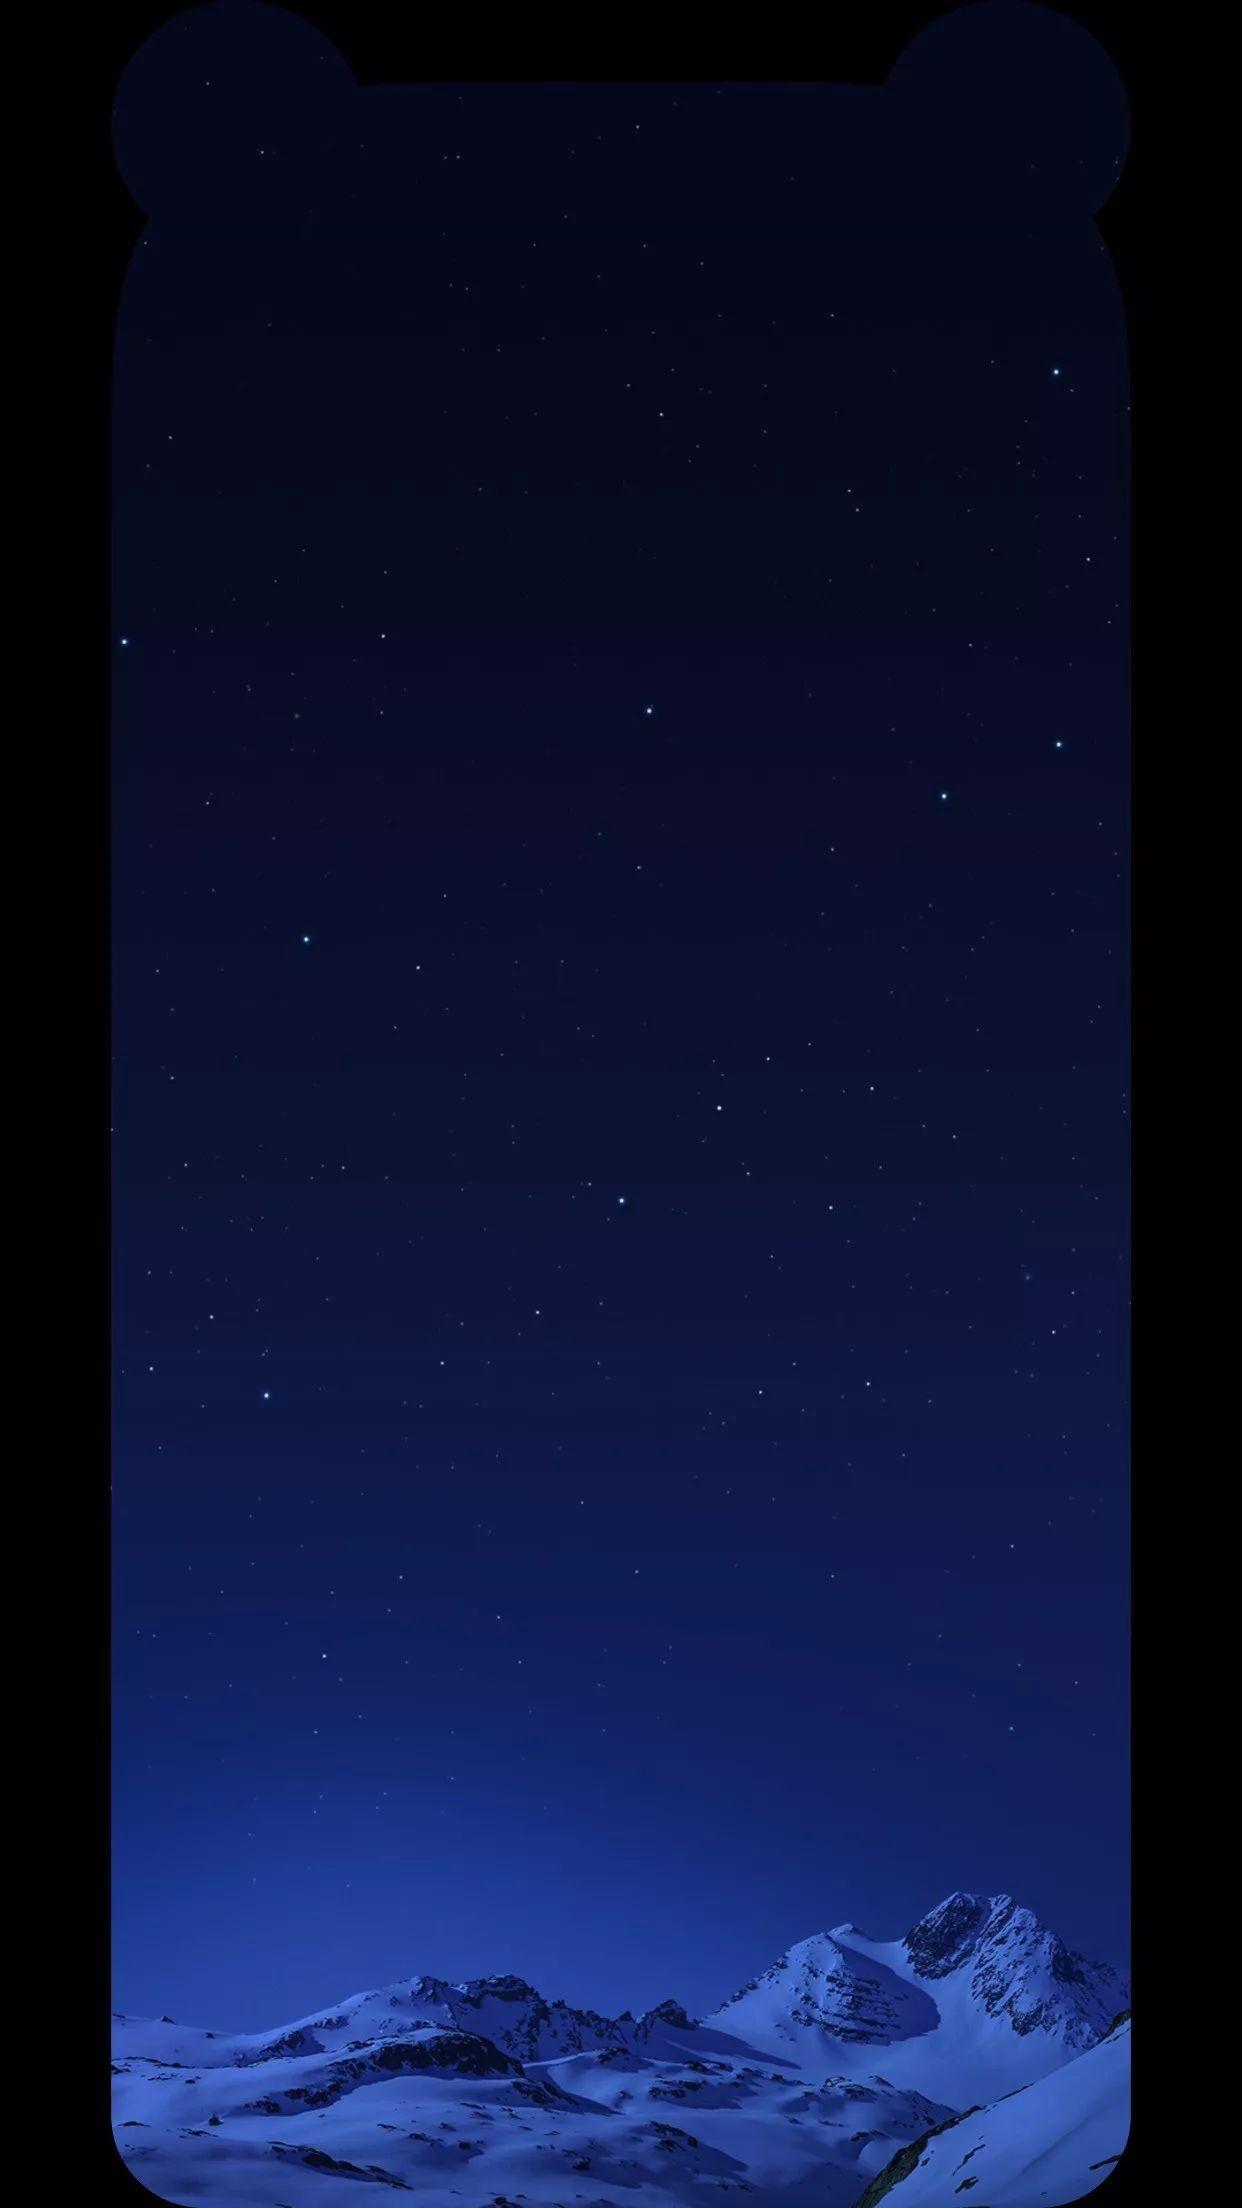 手机壁纸 iPhoneX专用全面屏熊猫耳刘海壁纸